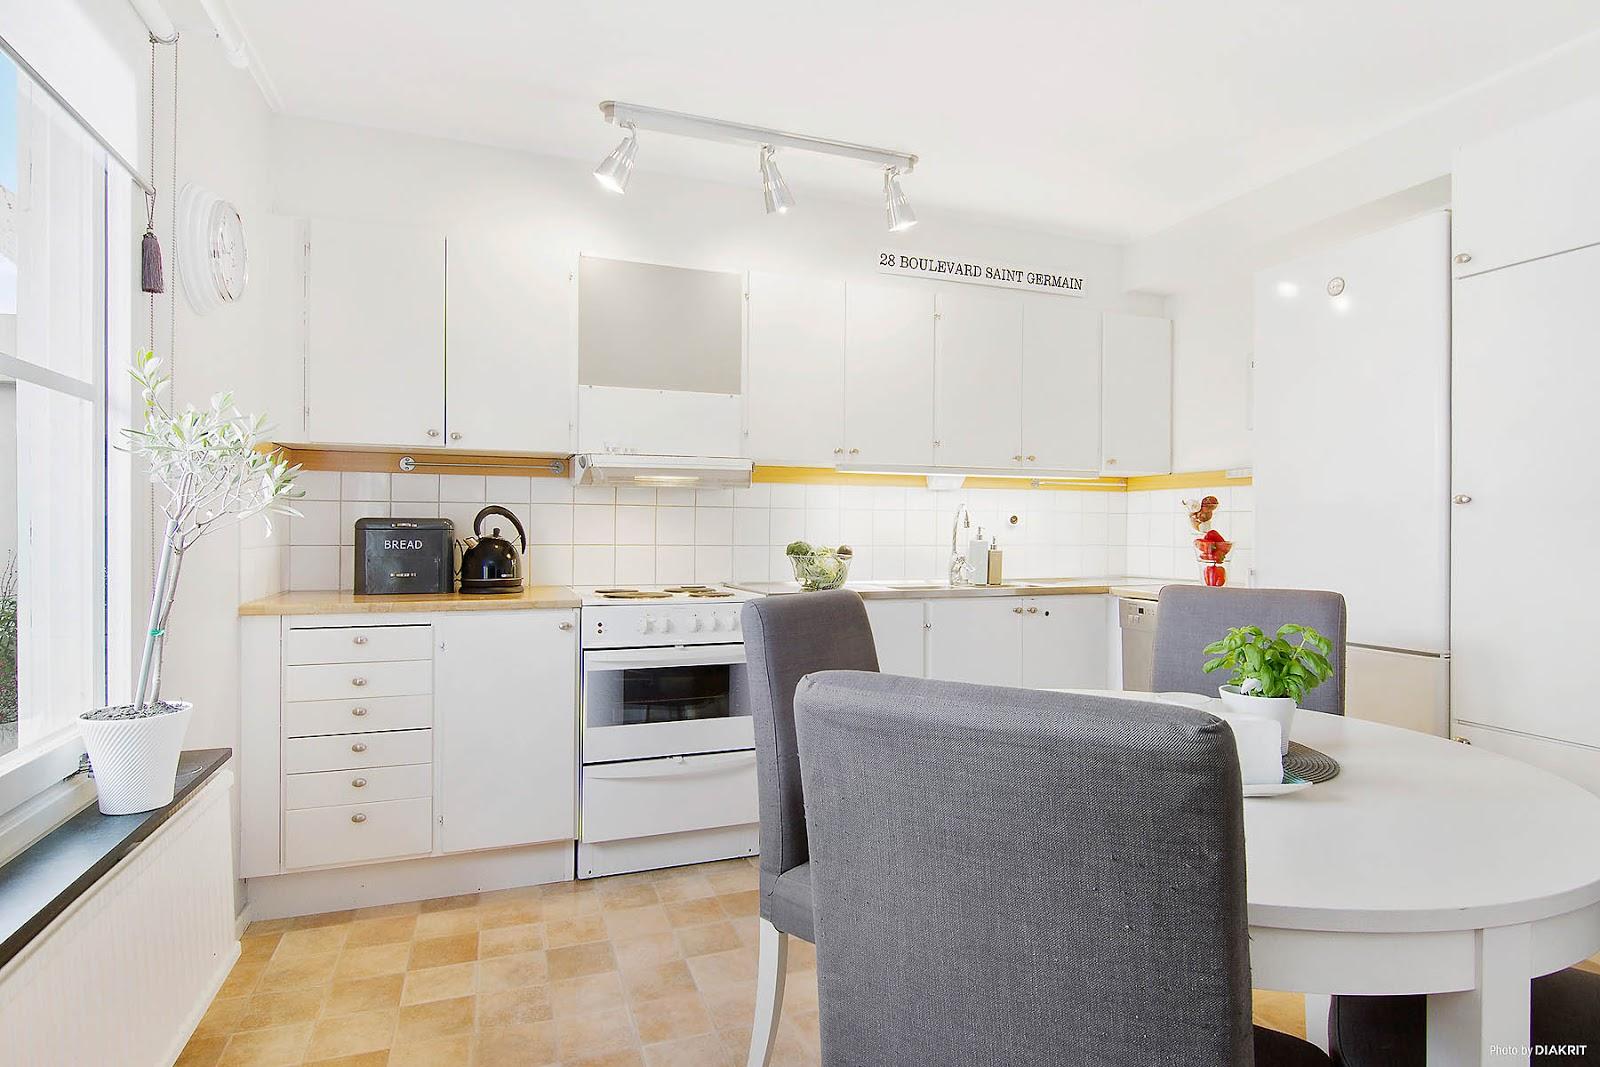 Blog wnętrzarski  design, nowoczesne projekty wnętrz Biała kuchnia zawsze w   -> Biala Kuchnia Drewniany Blat Jakie Plytki